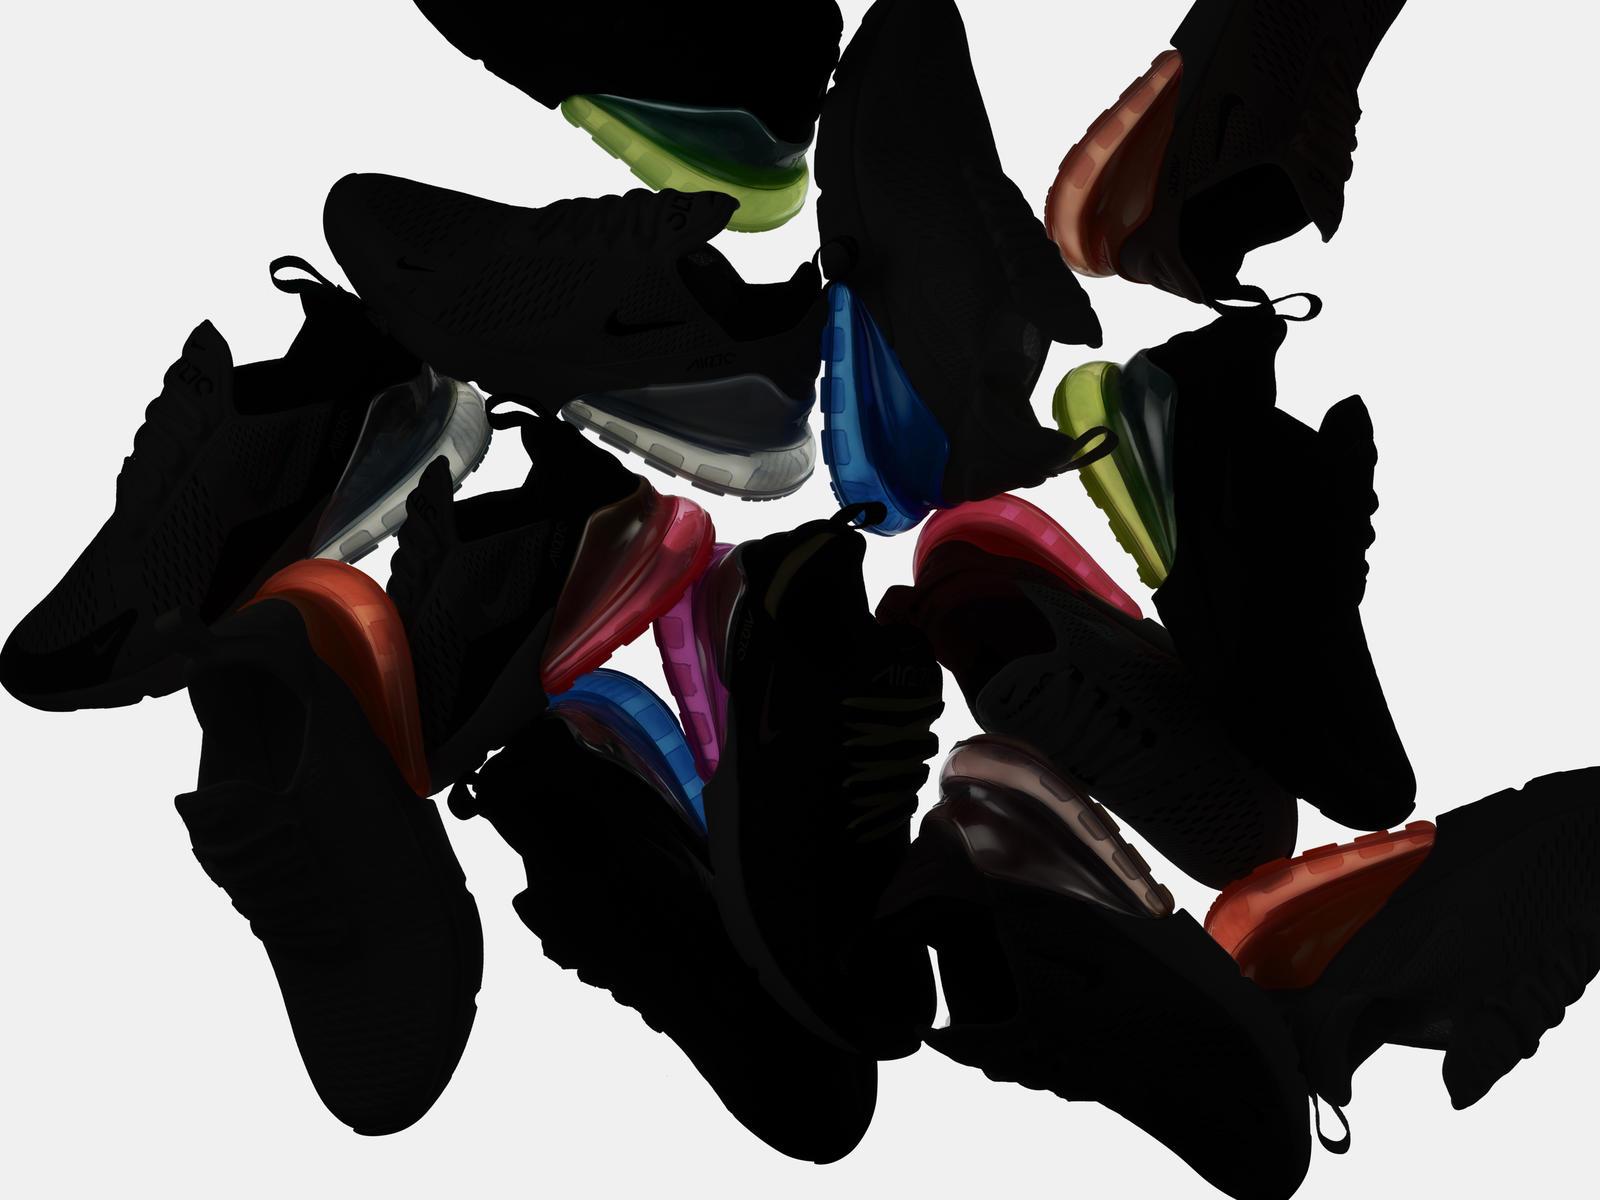 Nike_AM270_colorways_jpeg_native_1600.jpg